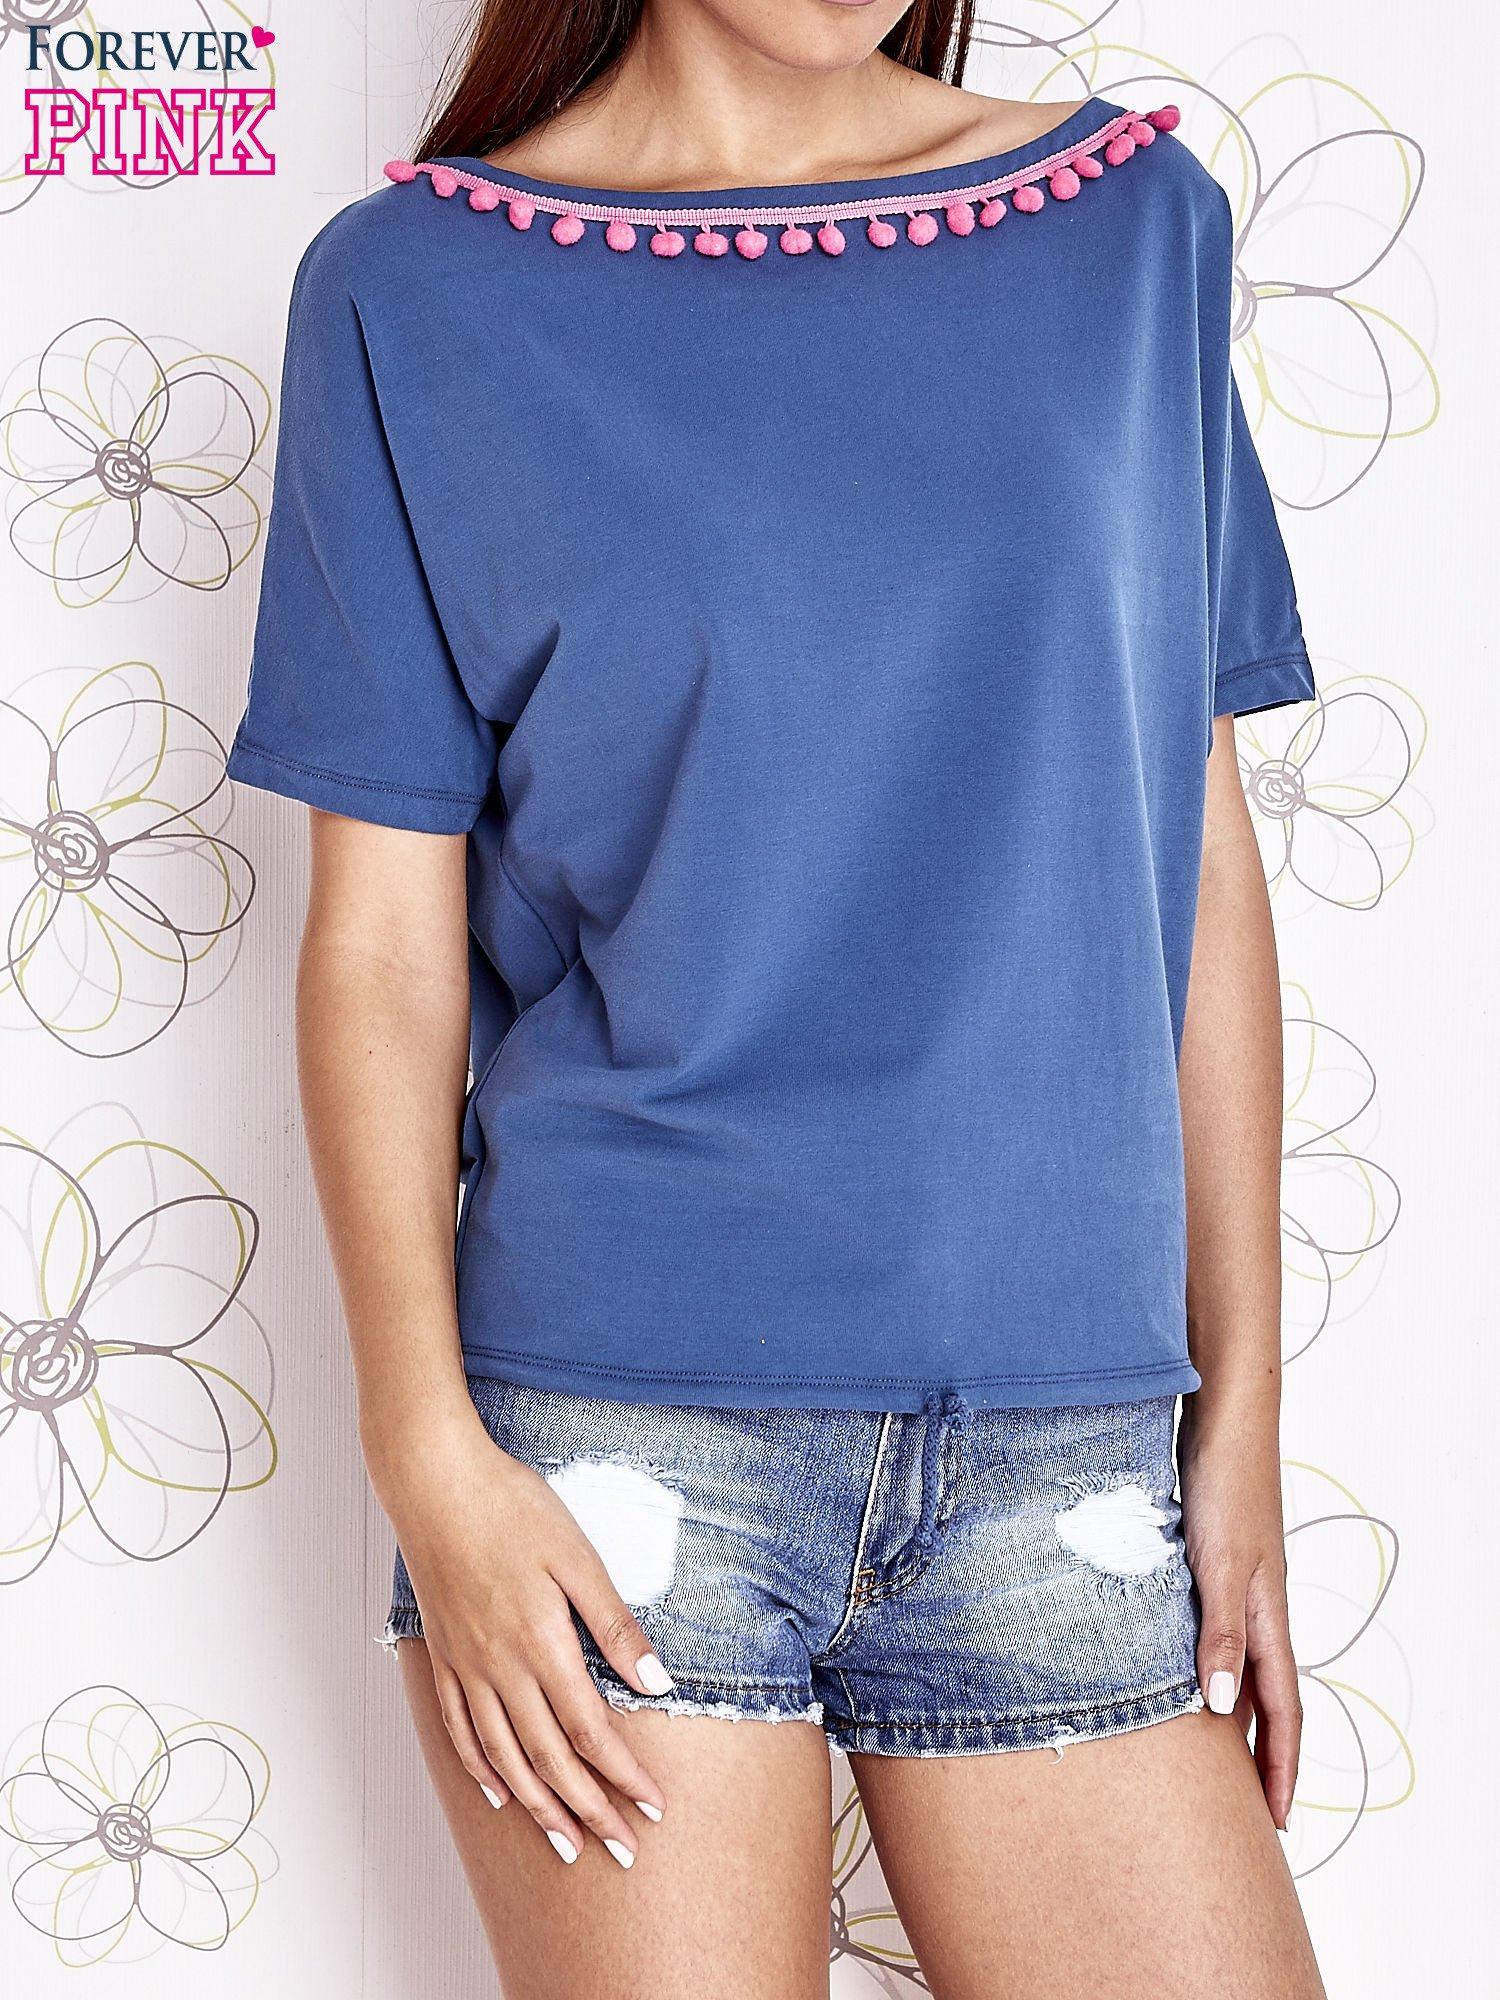 Ciemnoniebieski t-shirt z kolorowymi pomponikami przy dekolcie                                  zdj.                                  1